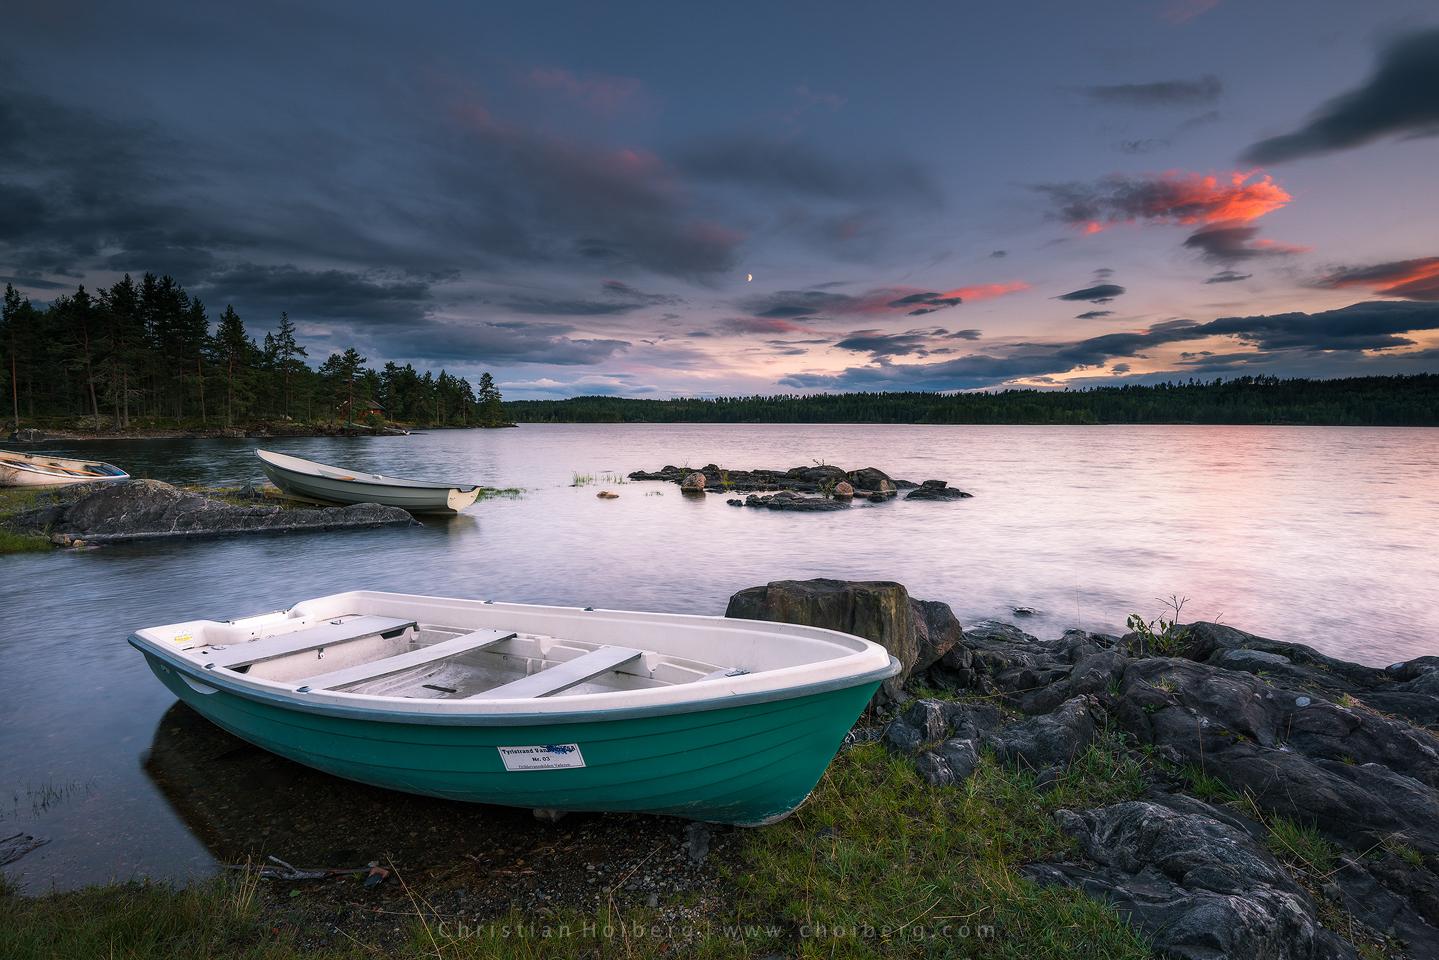 Vaeleren-sunset-boat.jpg